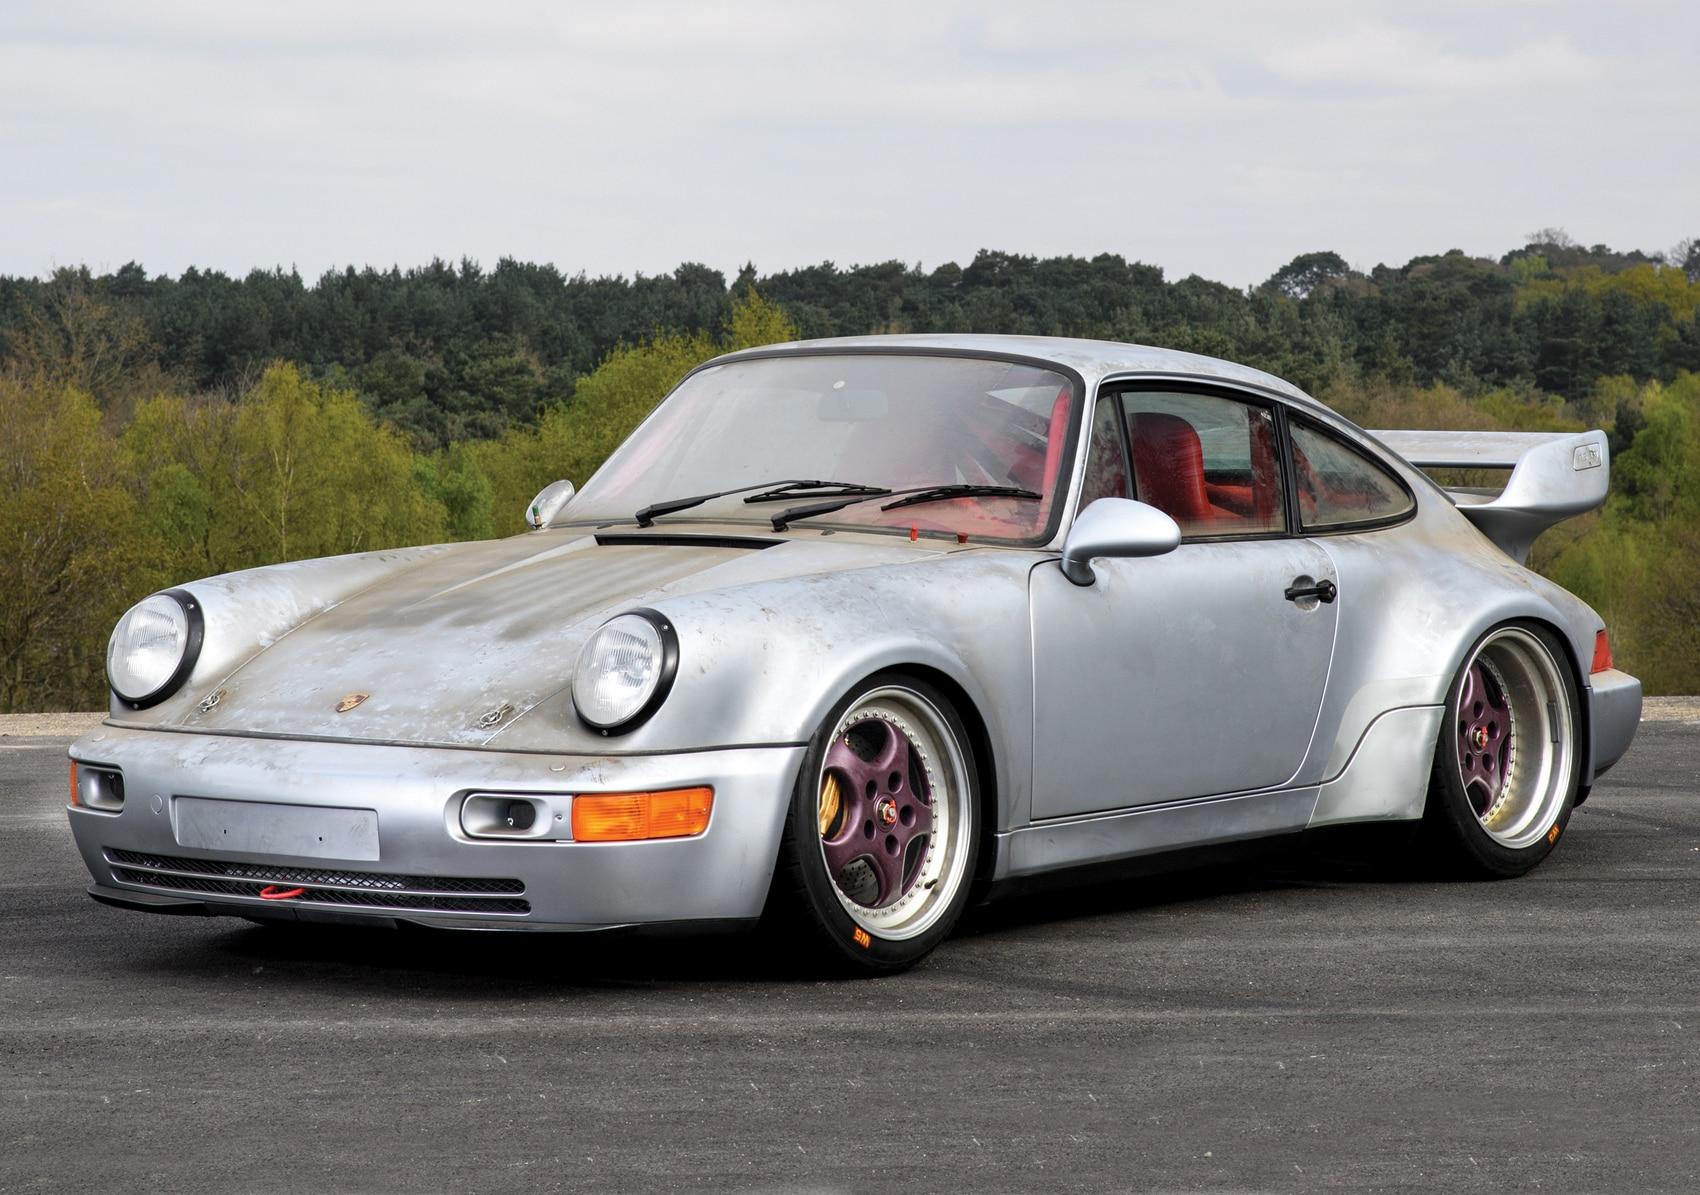 La Porsche realizza il milionesimo esemplare di 911